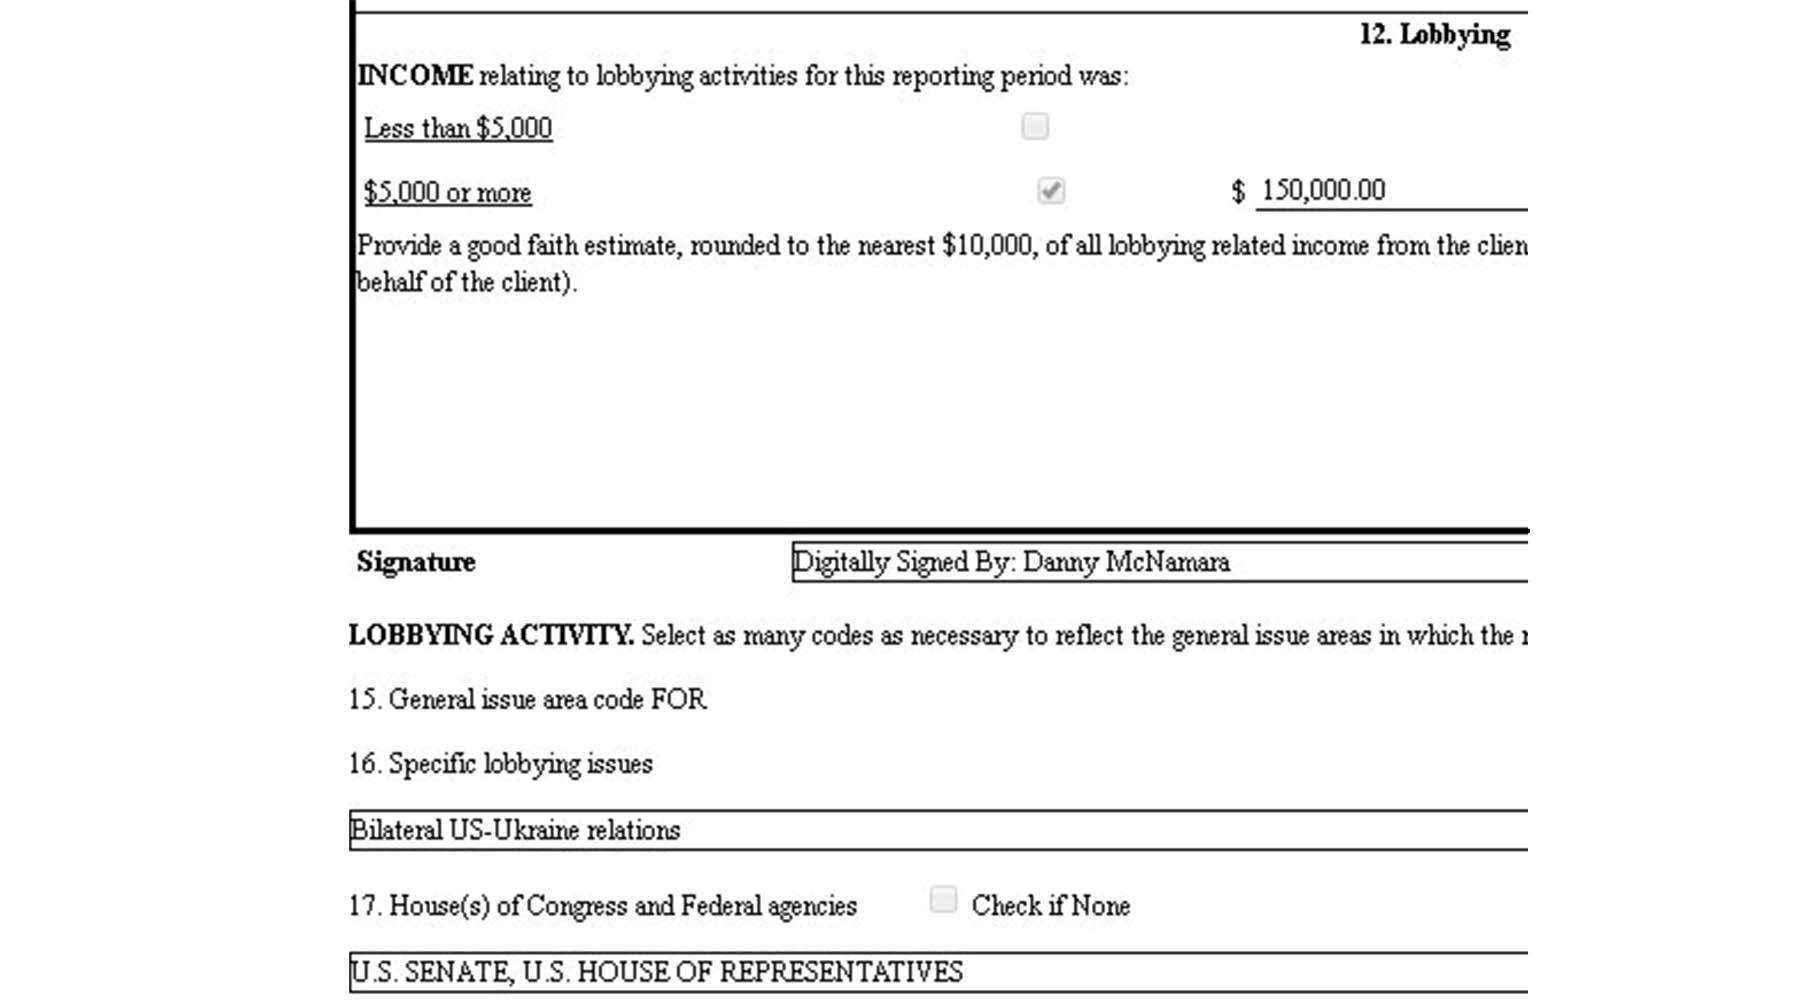 Kiev a dépensé 300 000 dollars pour du lobbying auprès du Congrès américain